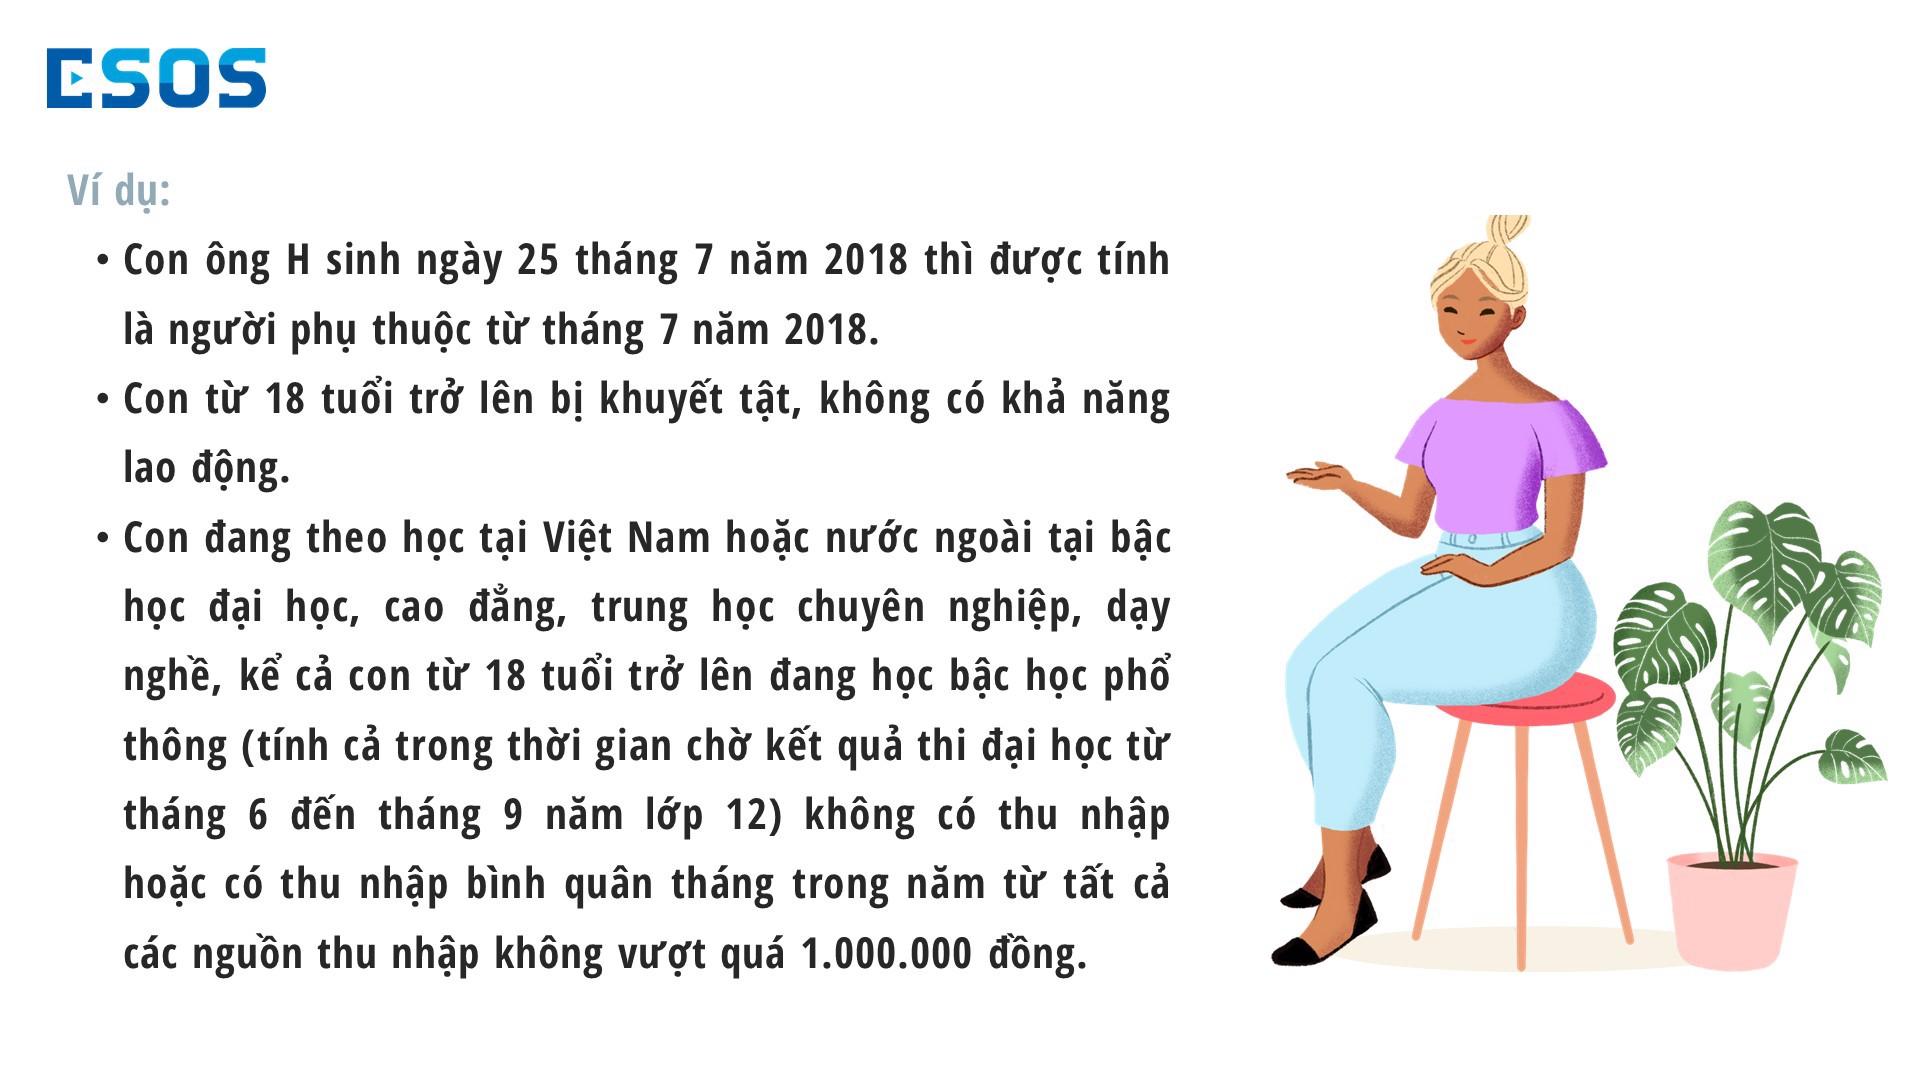 dieu-kien-dang-ky-nguoi-phu-thuoc-trong-do-tuoi-lao-dong